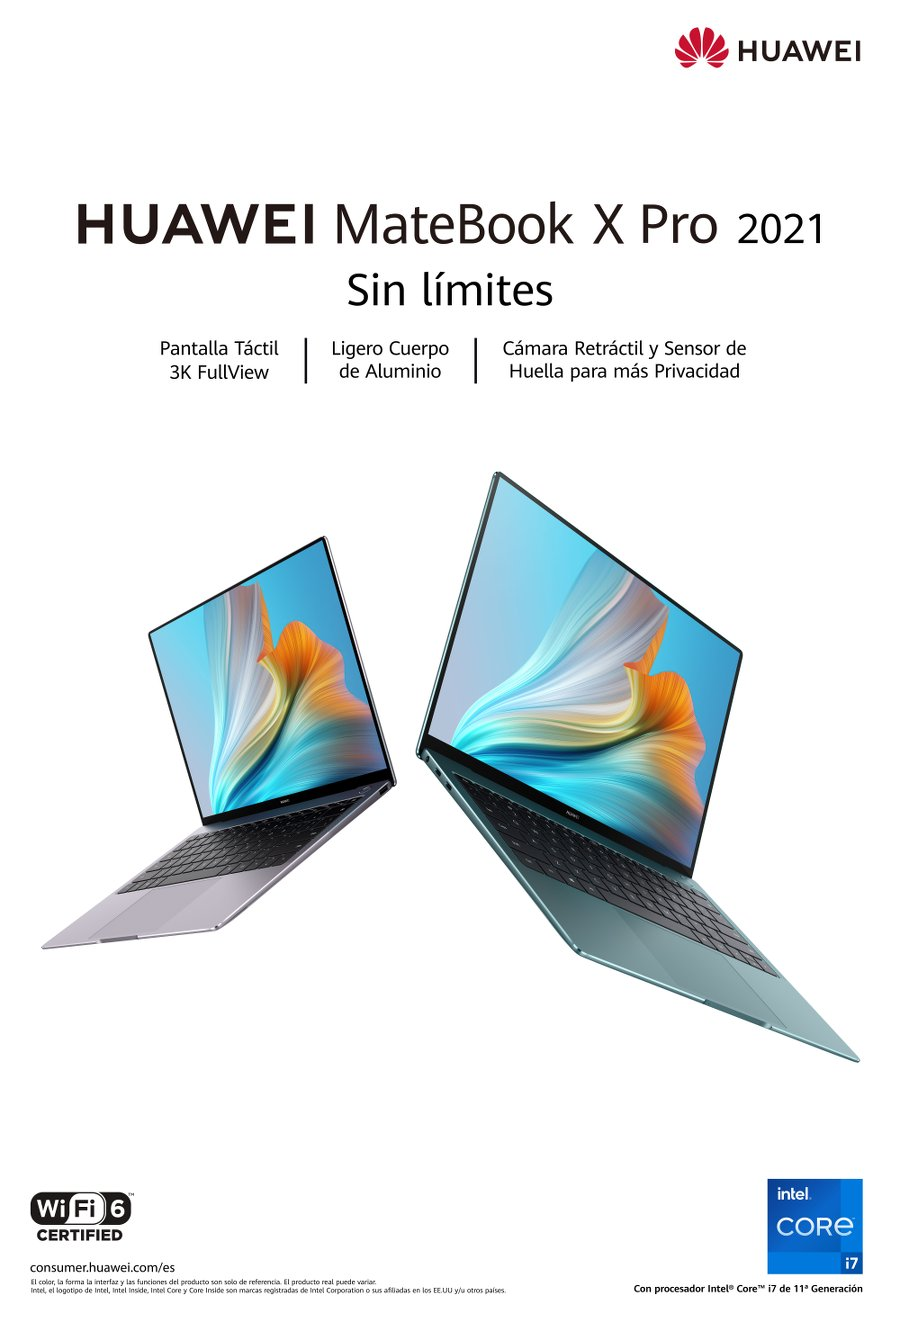 HUAWEI MateBook X Pro 2021, una nueva experiencia con un rendimiento sin límites